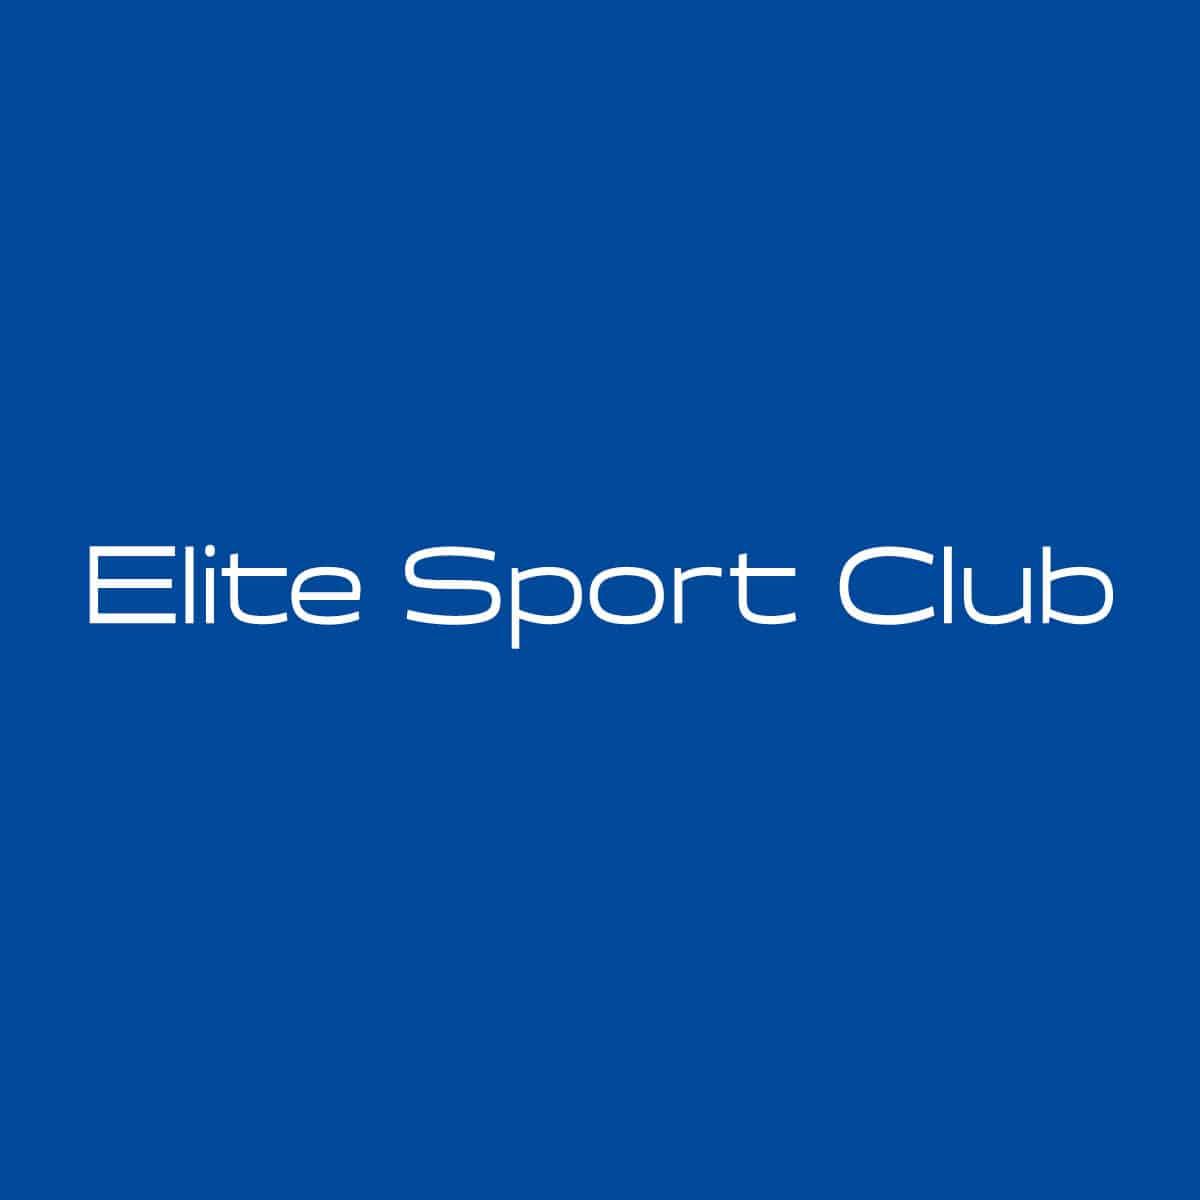 Logo Elite Sport Club weiße Schrift auf blauem Untergrund